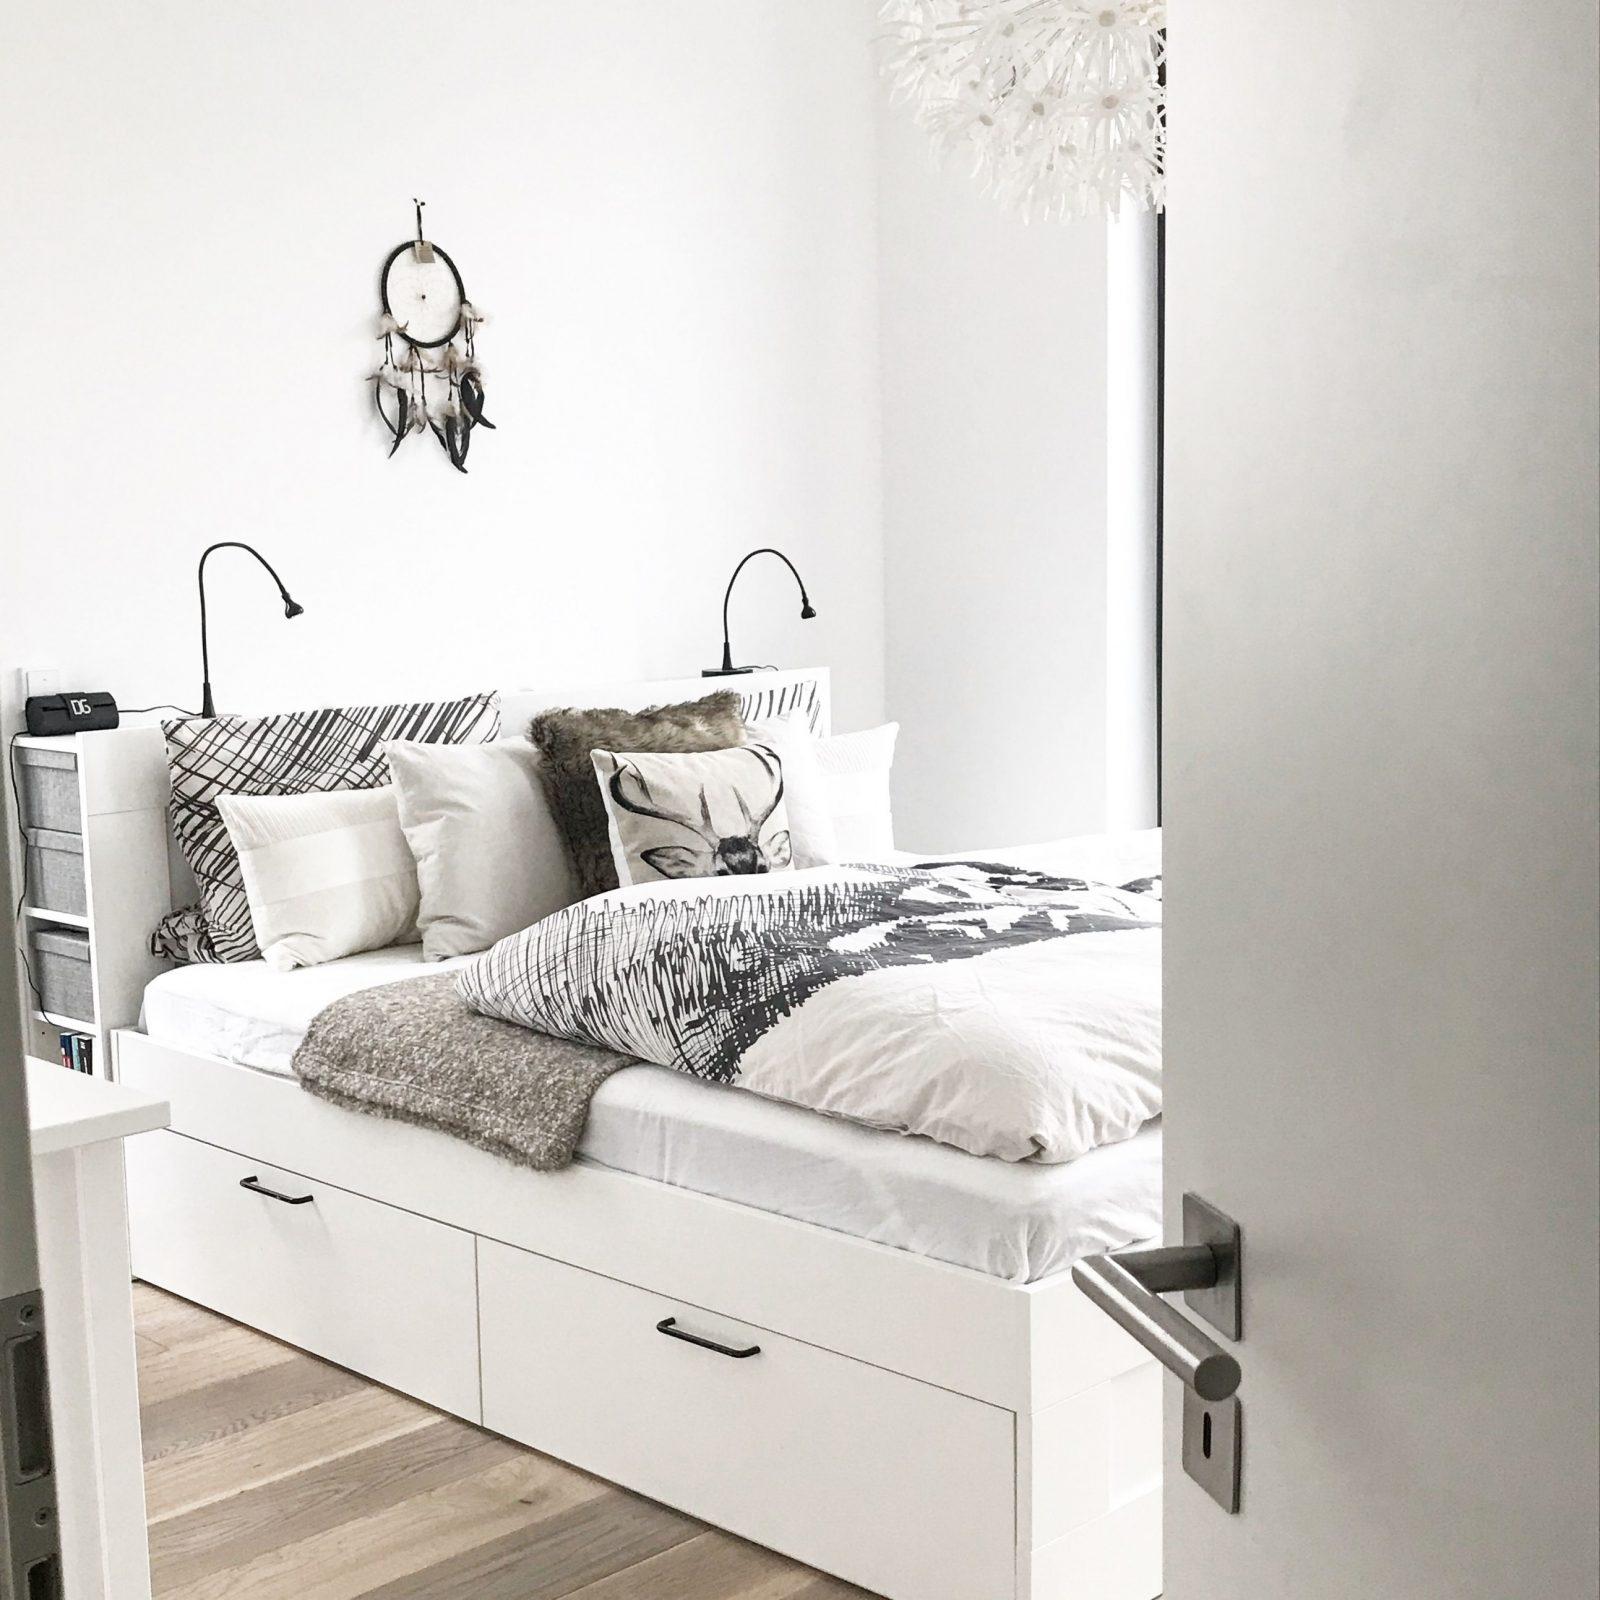 Ikea Brimnes Bett Bettkasten Stauraum Schlafzimmer Bedroom von Stauraum Ideen Schlafzimmer Photo